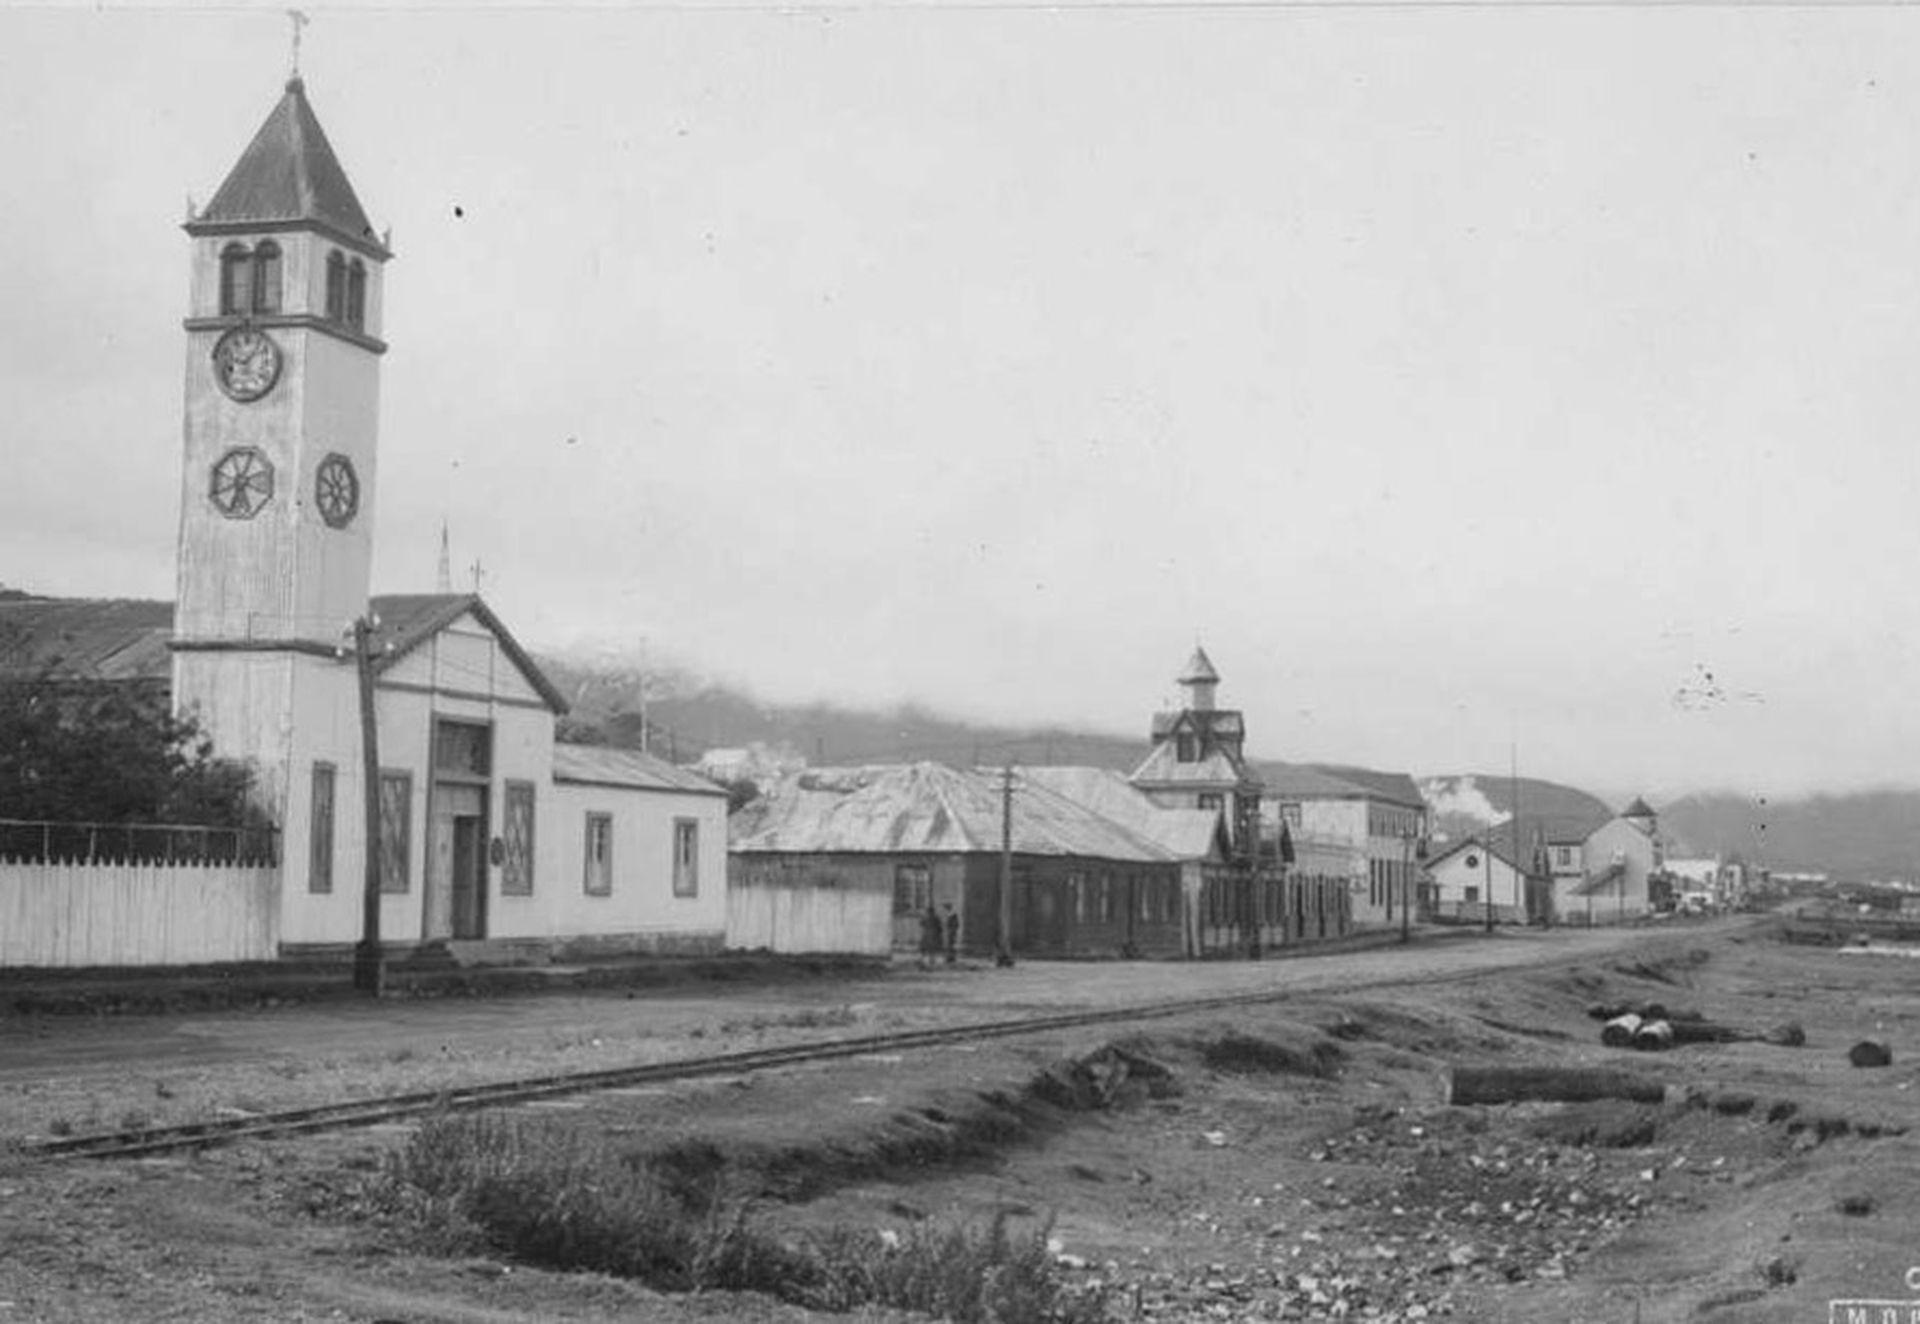 La primera iglesia de Ushuaia. A mitad de cuadra, la casa Beban en su emplazamiento original.